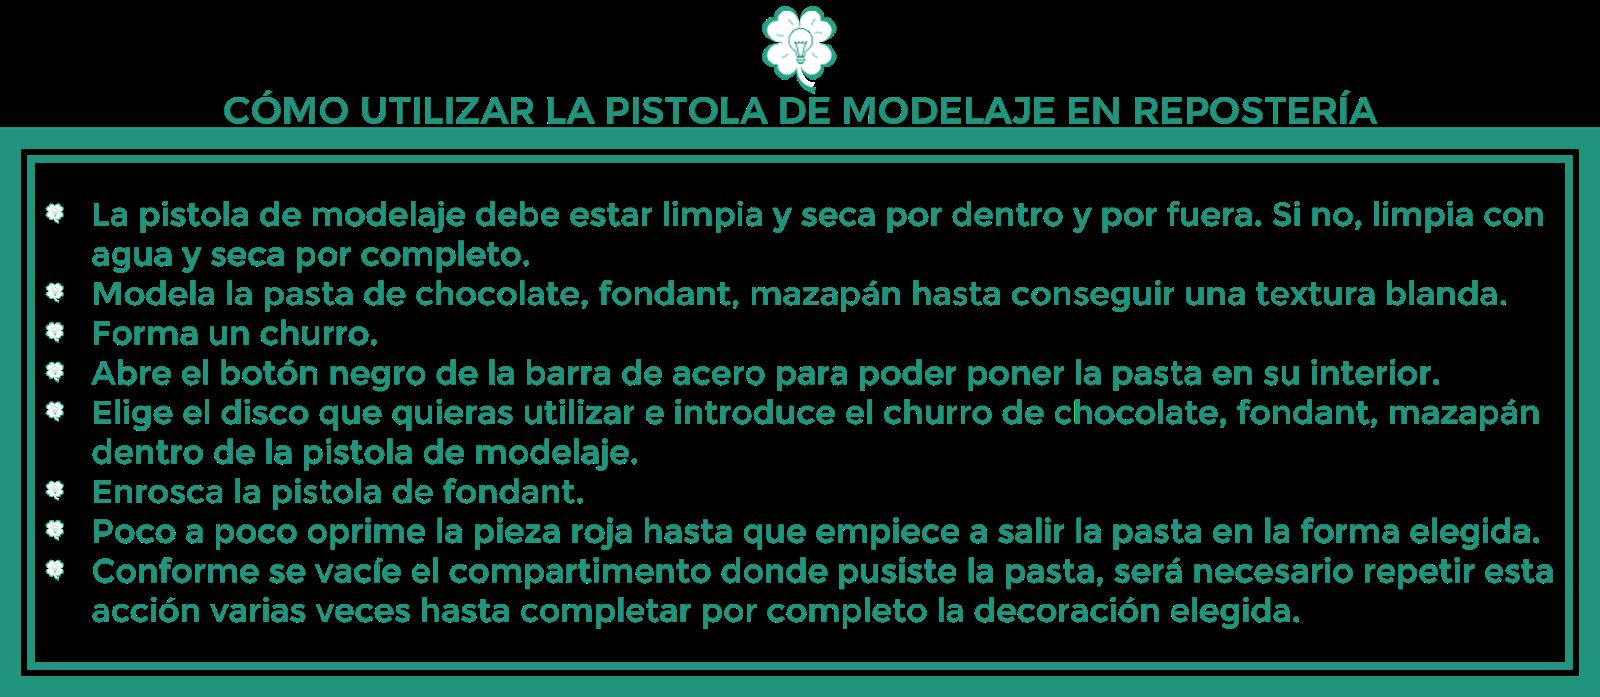 CÓMO UTILIZAR UNA PISTOLA DE MODELAGE EN REPOSTERÍA